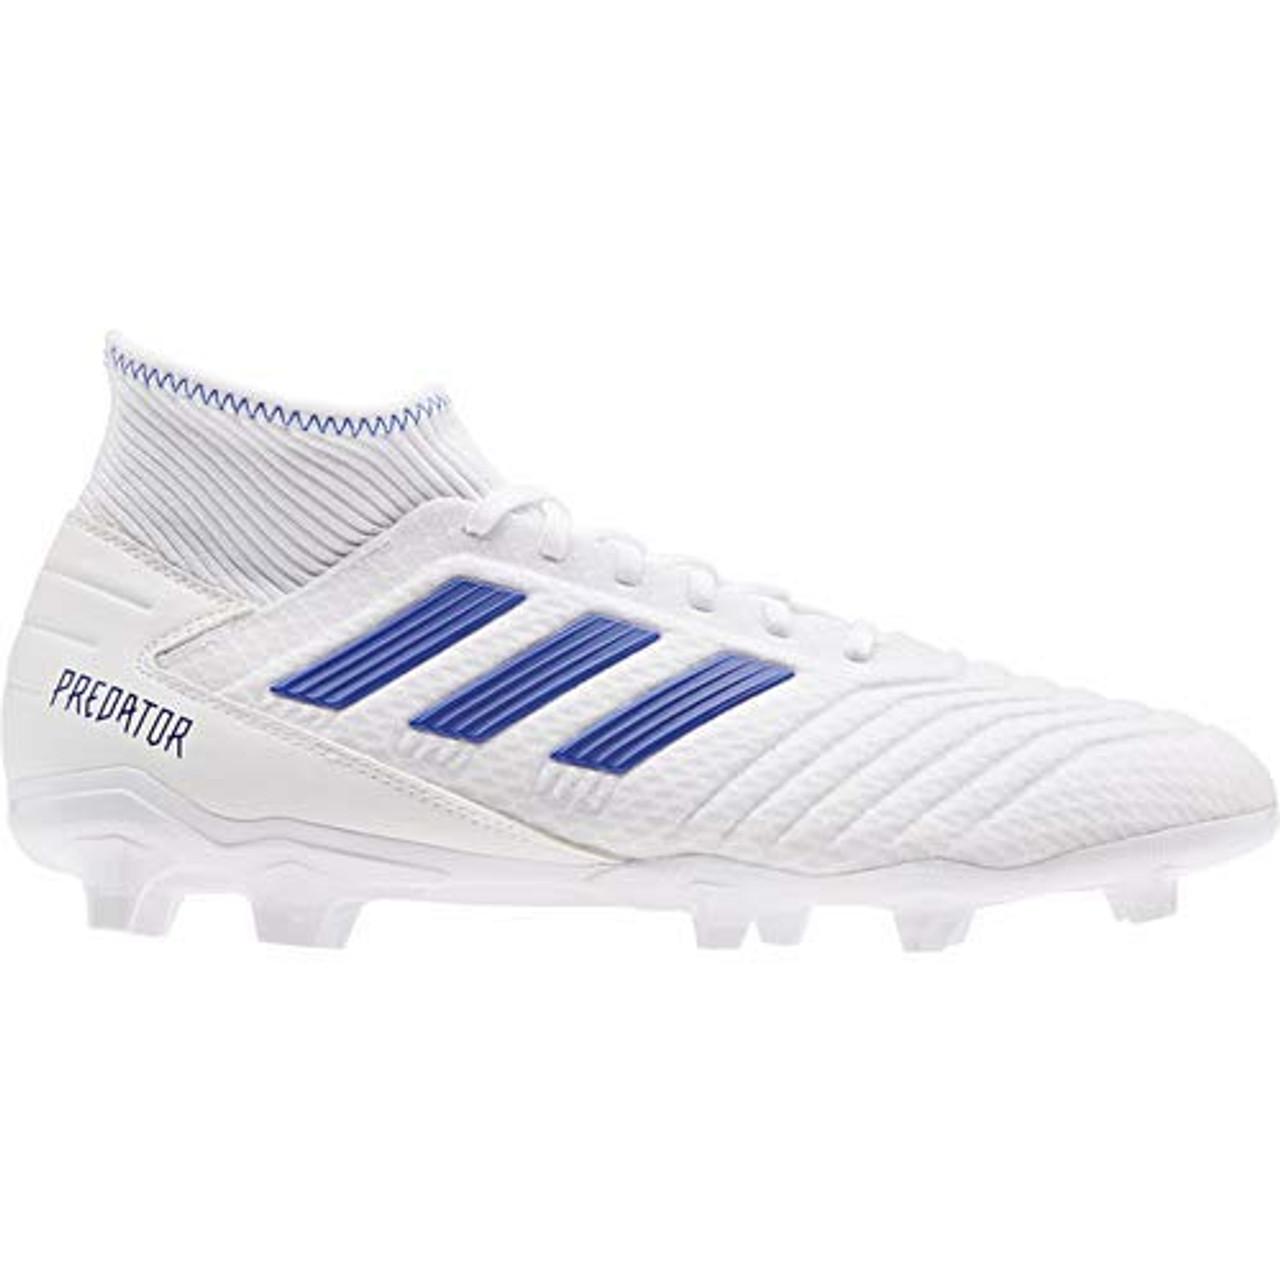 pozo Sada Calor  ADIDAS PREDATOR 19.3 FG WHITE/BLUE - Soccer Plus